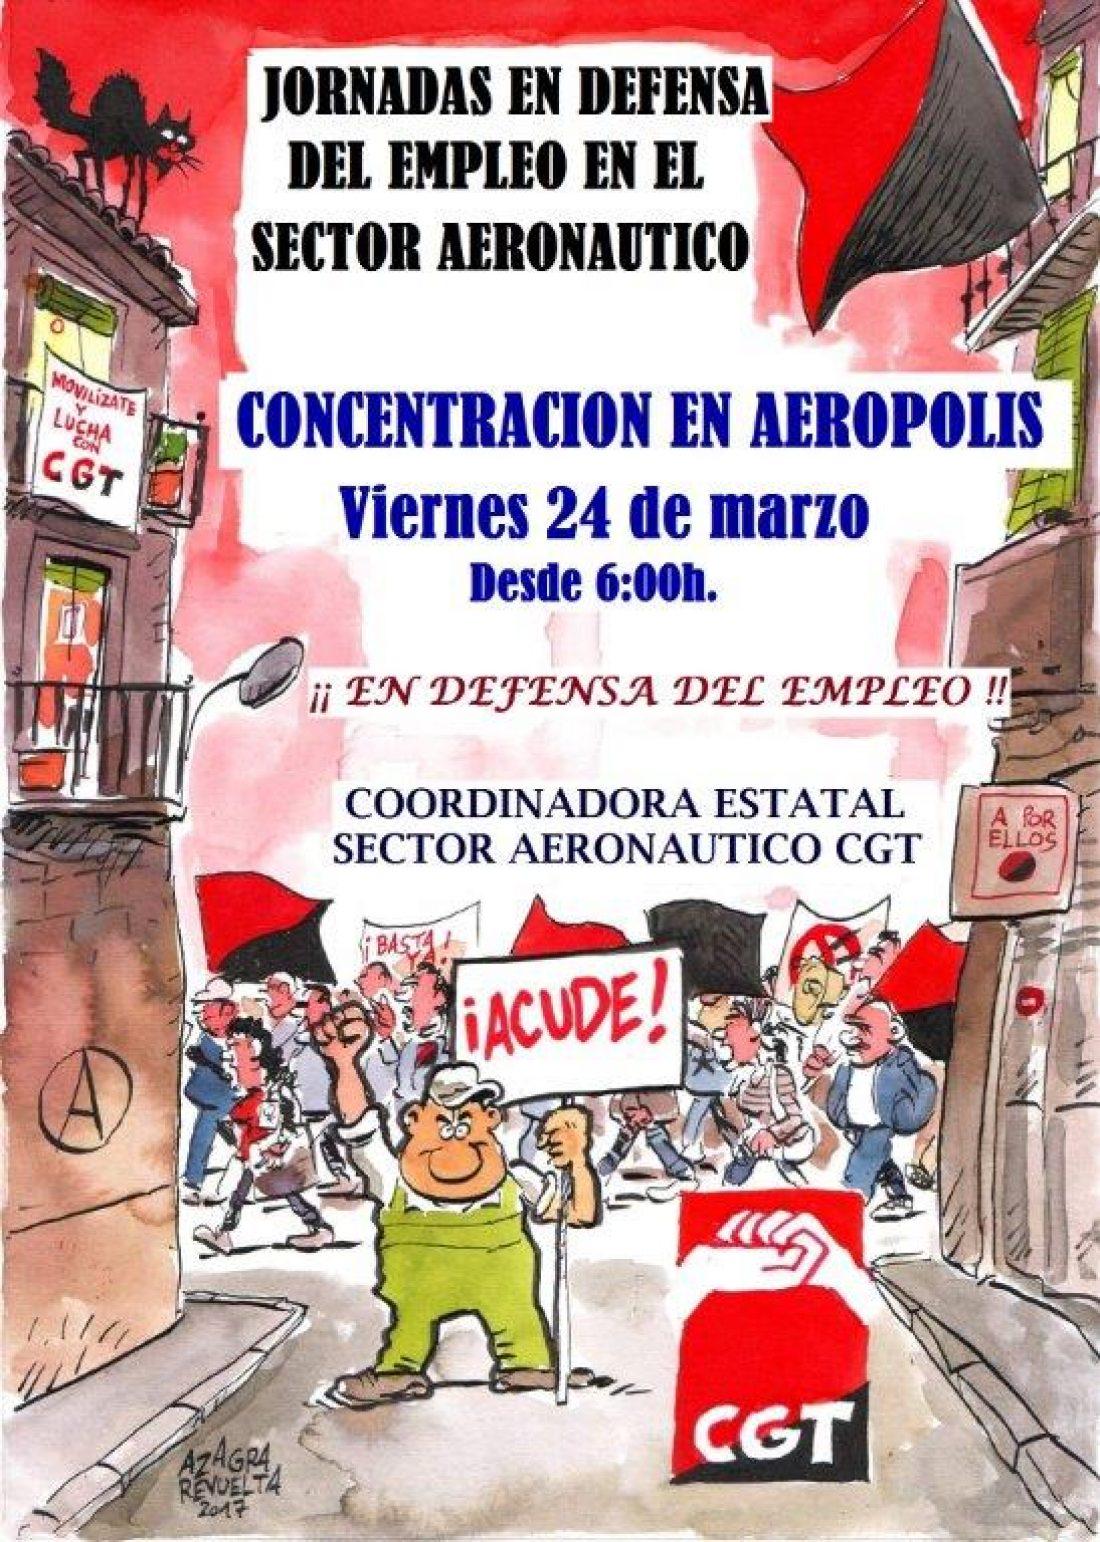 Jornadas en defensa del empleo en el Sector Aeronáutico